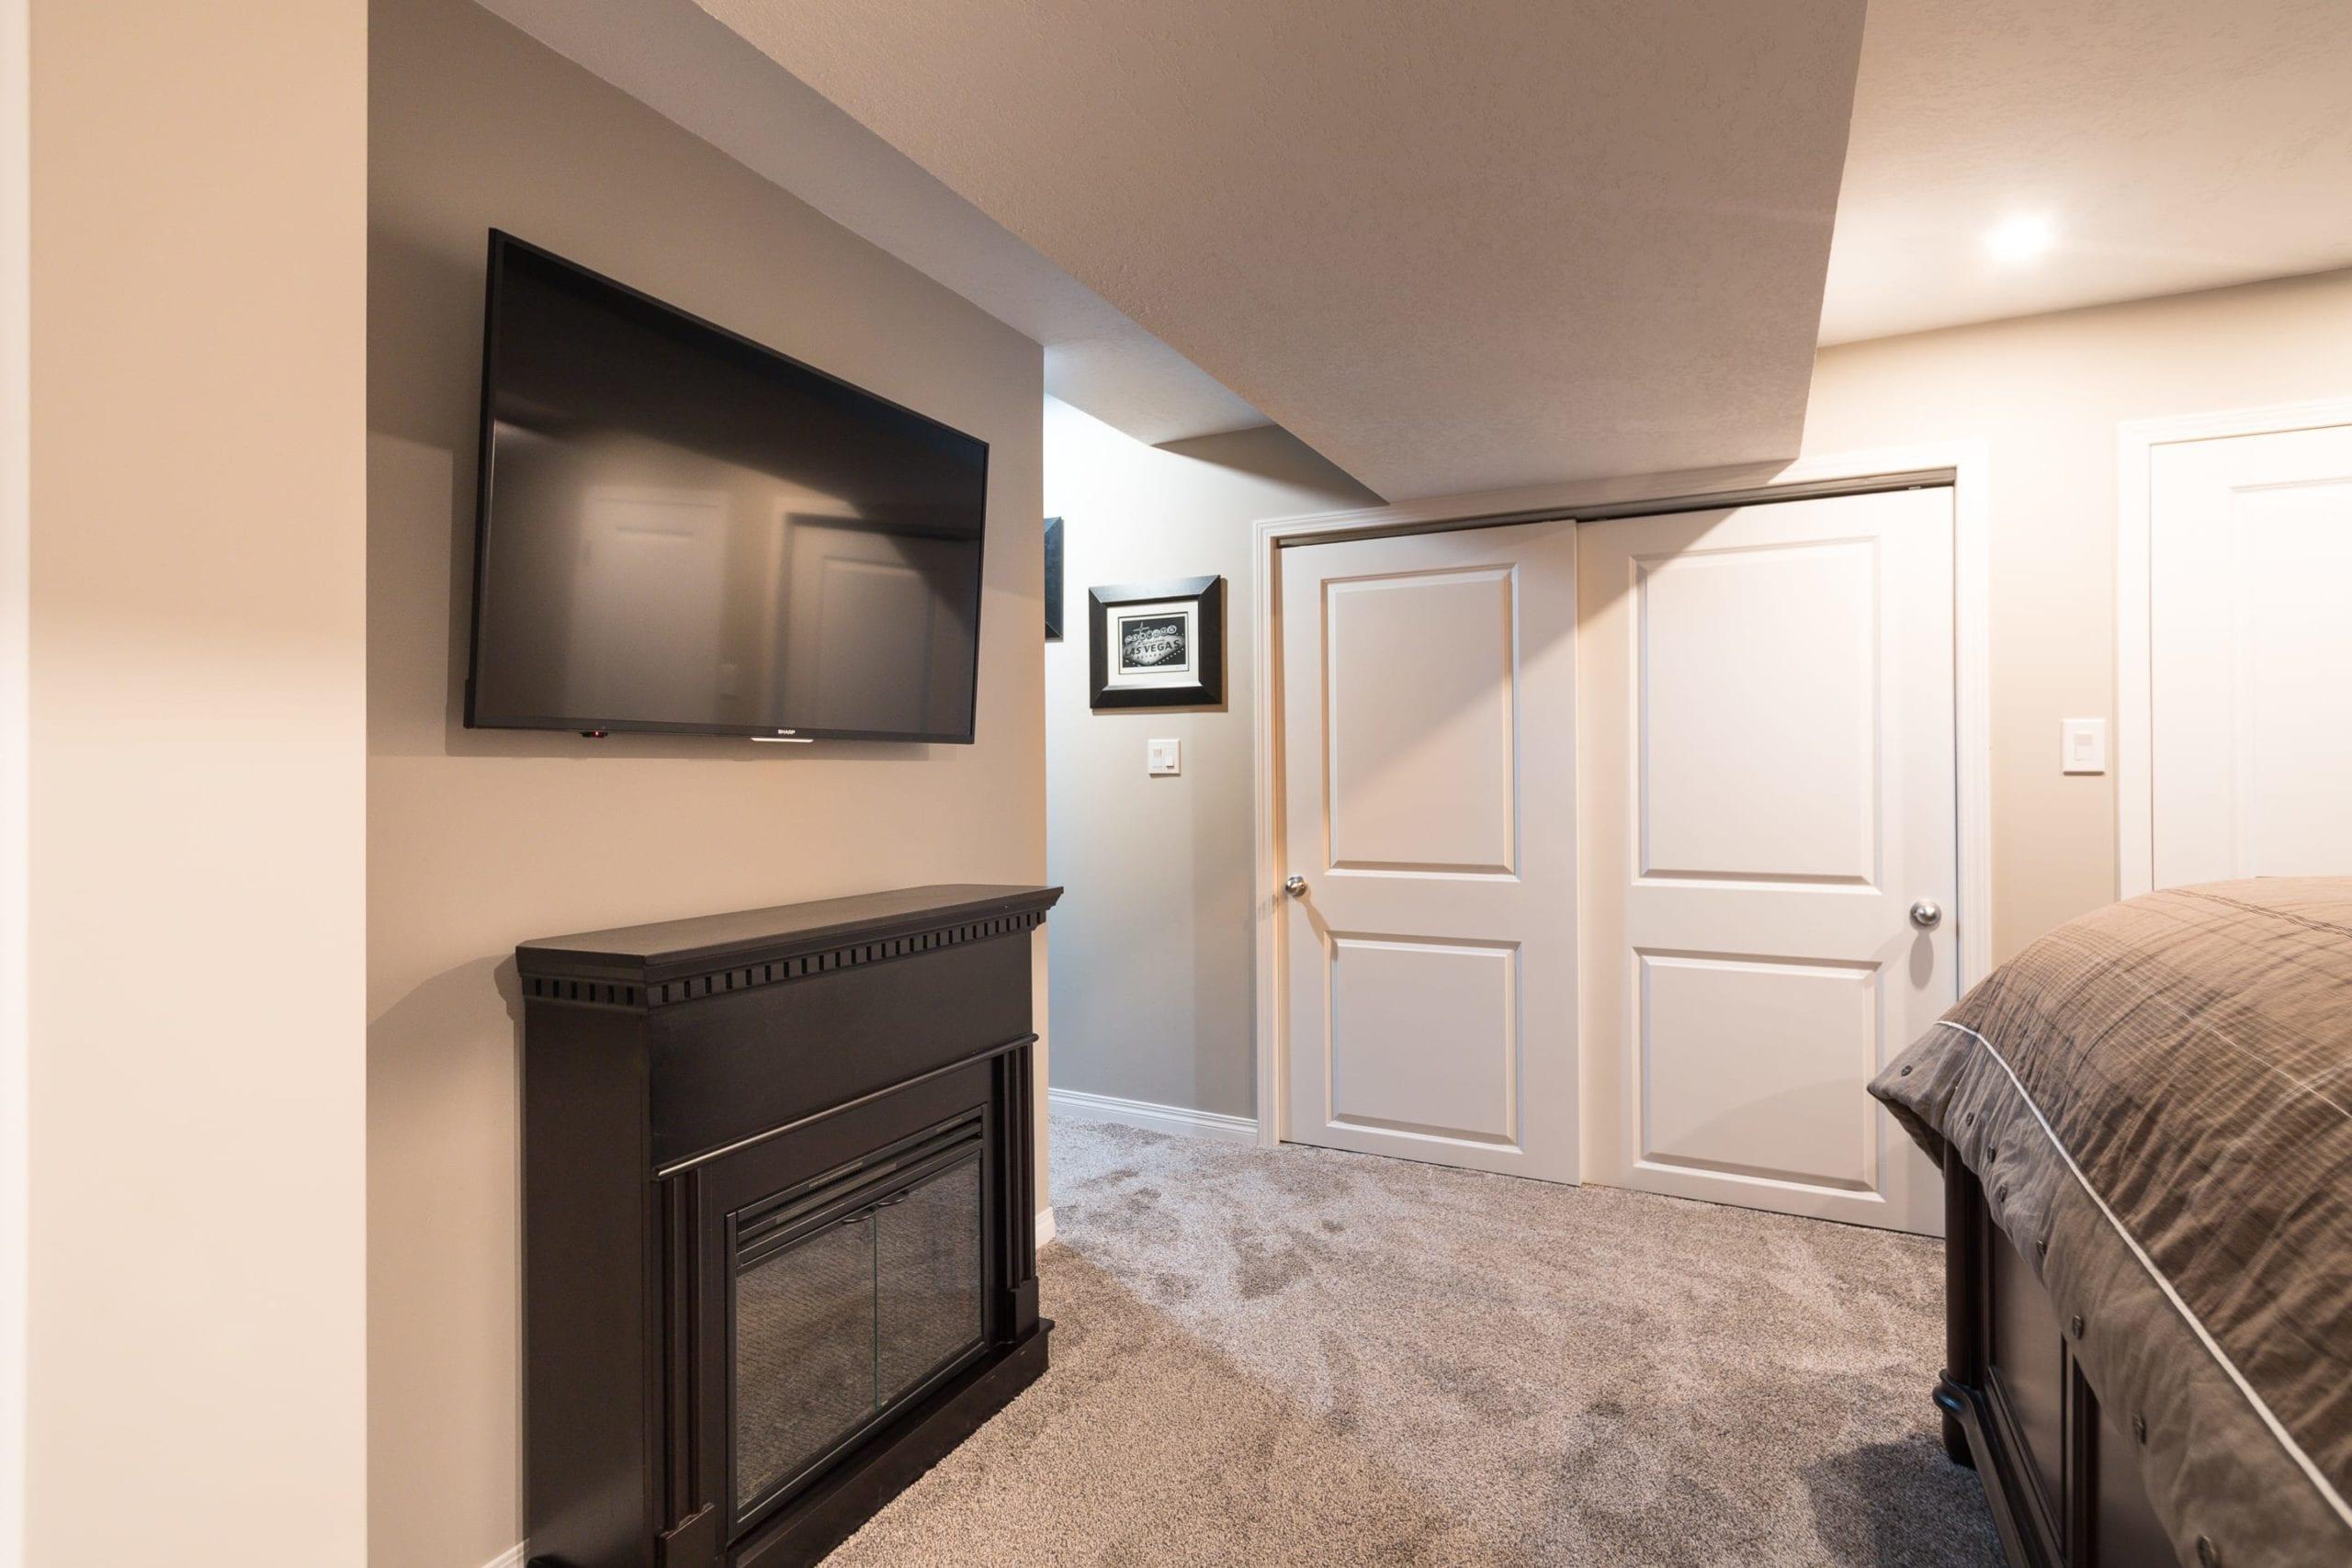 Hello Gorgeous - 1502 1001 8St NW - Tara Molina Real Estate (21 of 28)